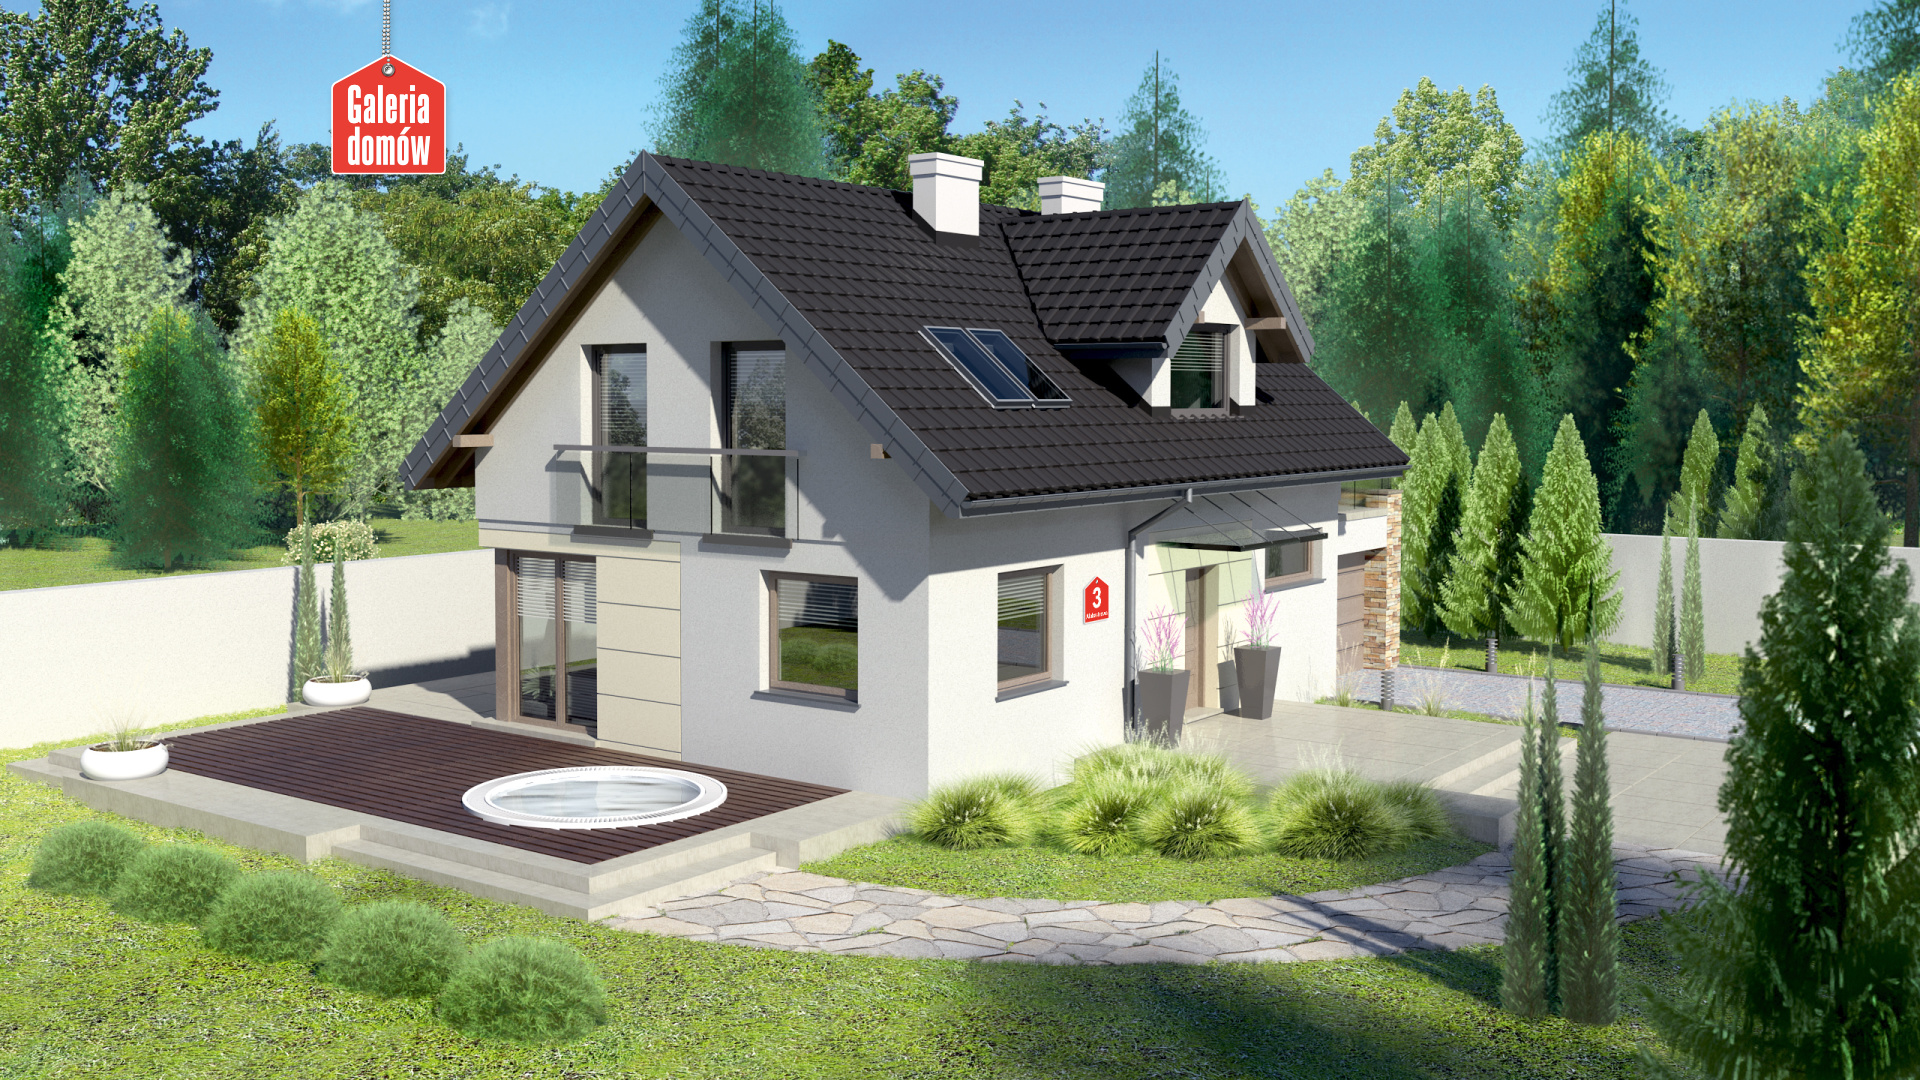 Dom Przy Alabastrowej 3 Gotowy Projekt Domu Jednorodzinnego